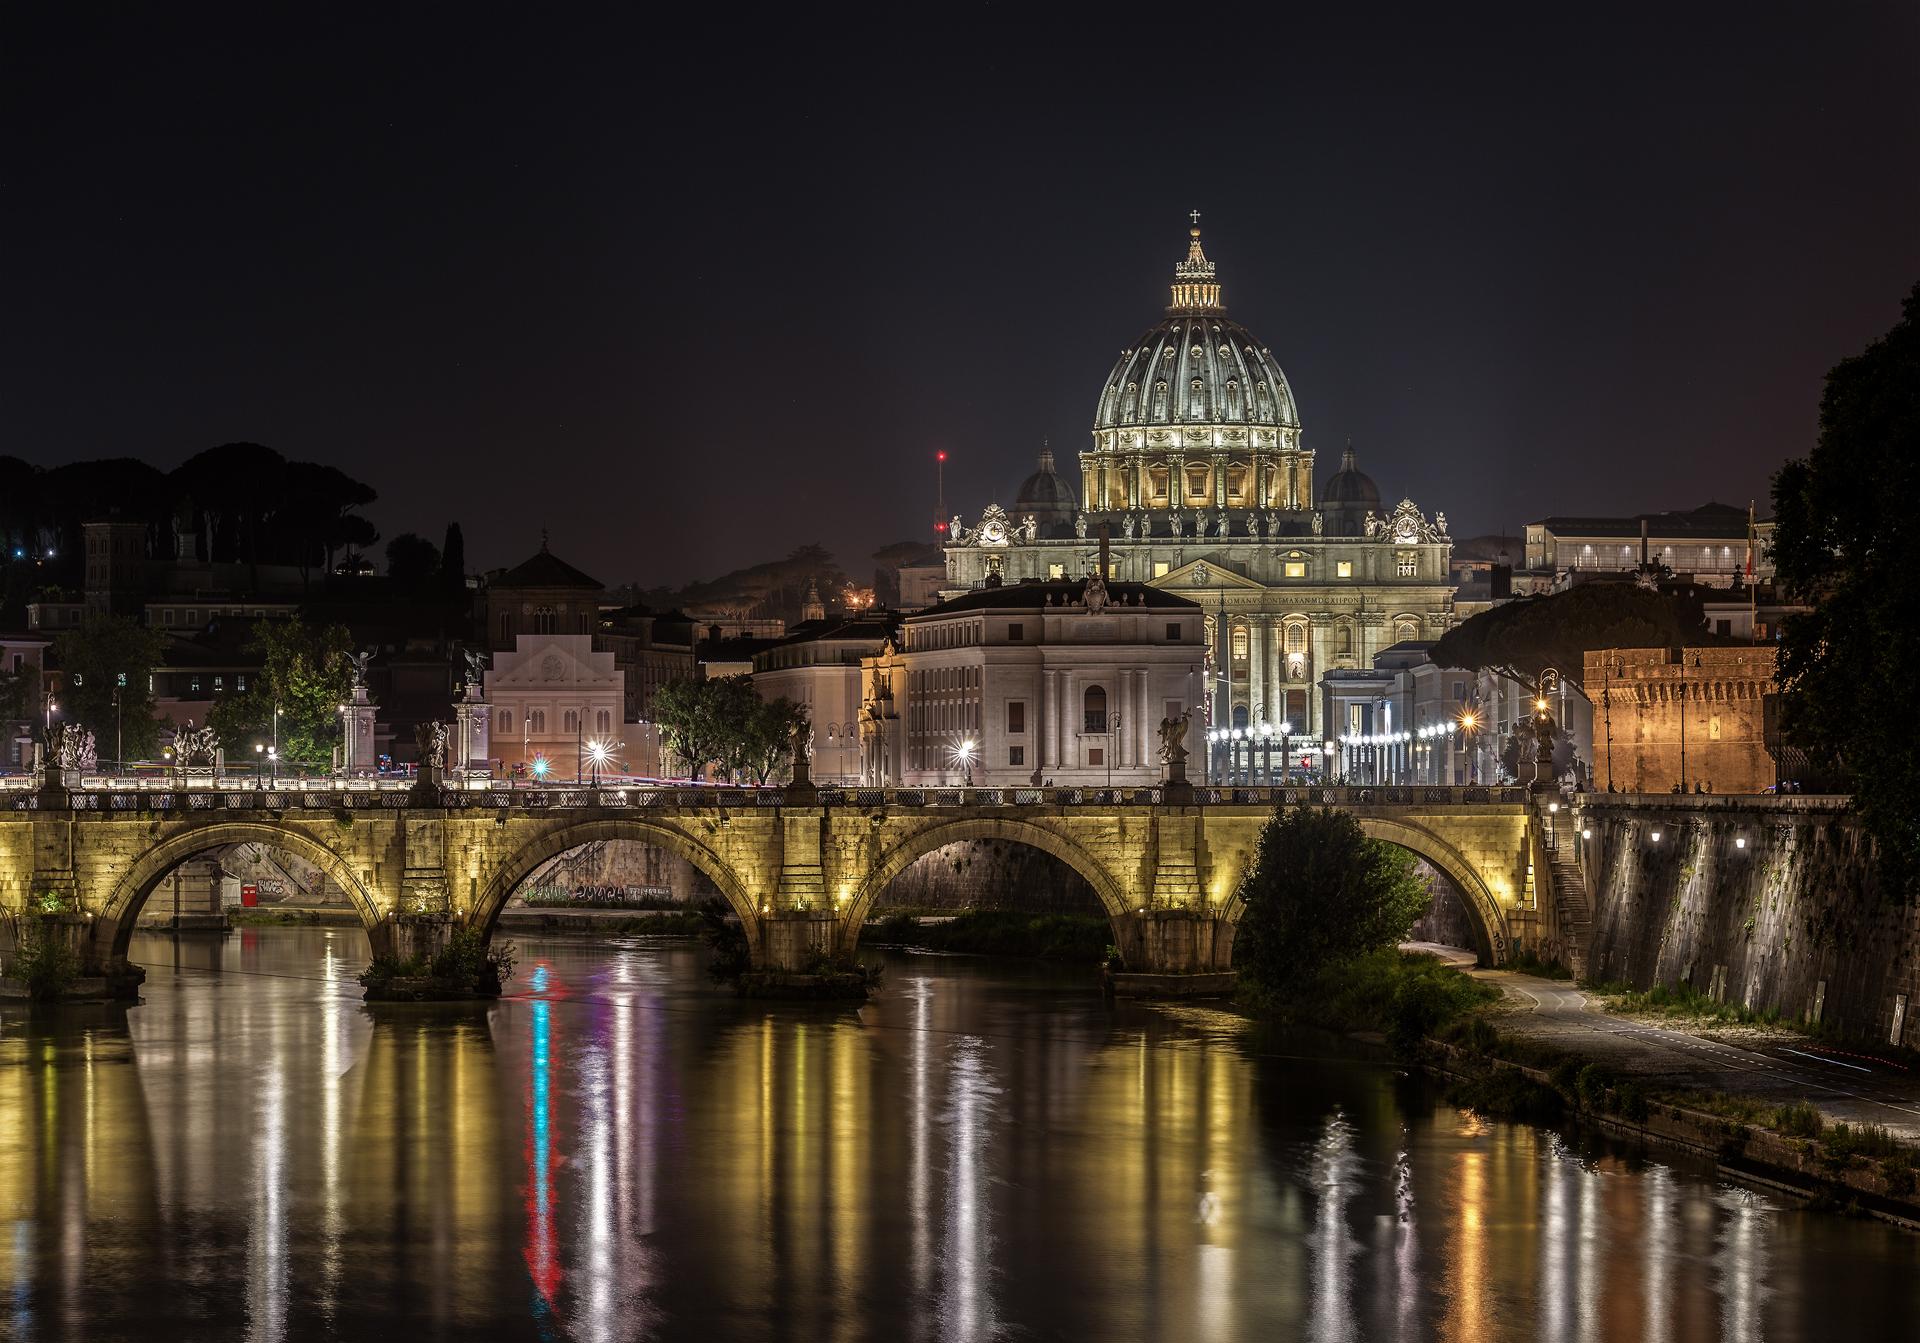 Rome at night...